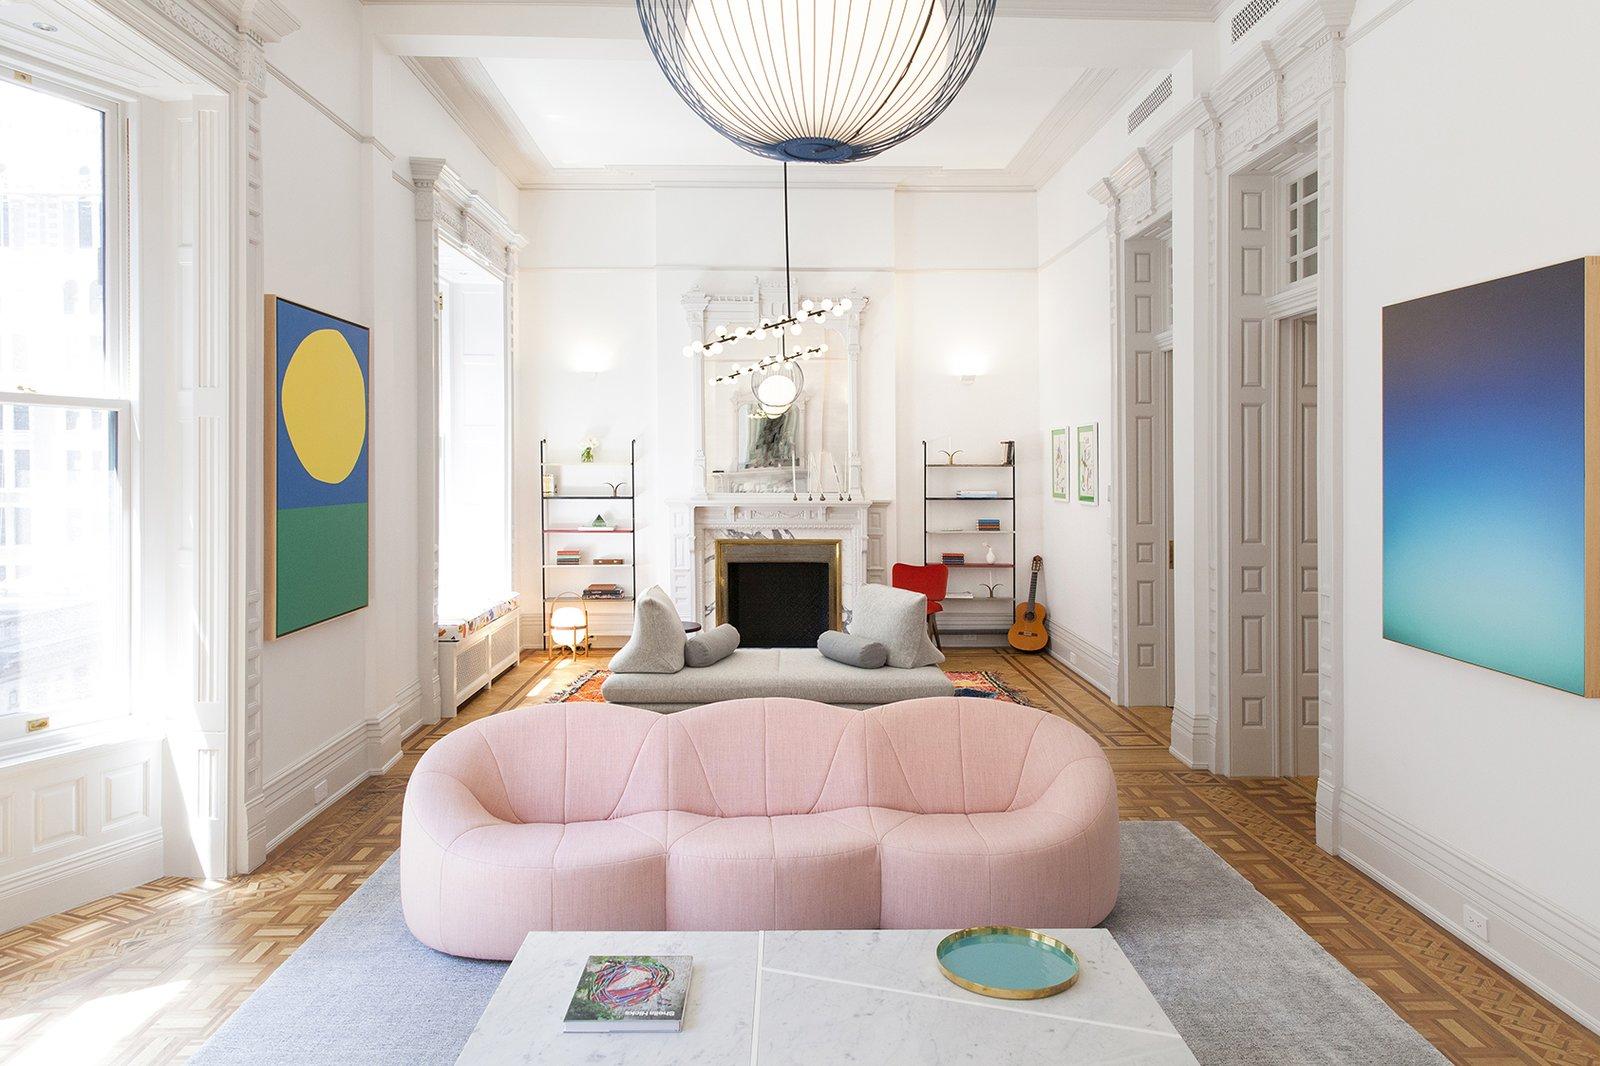 Слоновая кость и красочные аксессуары в домашних условиях